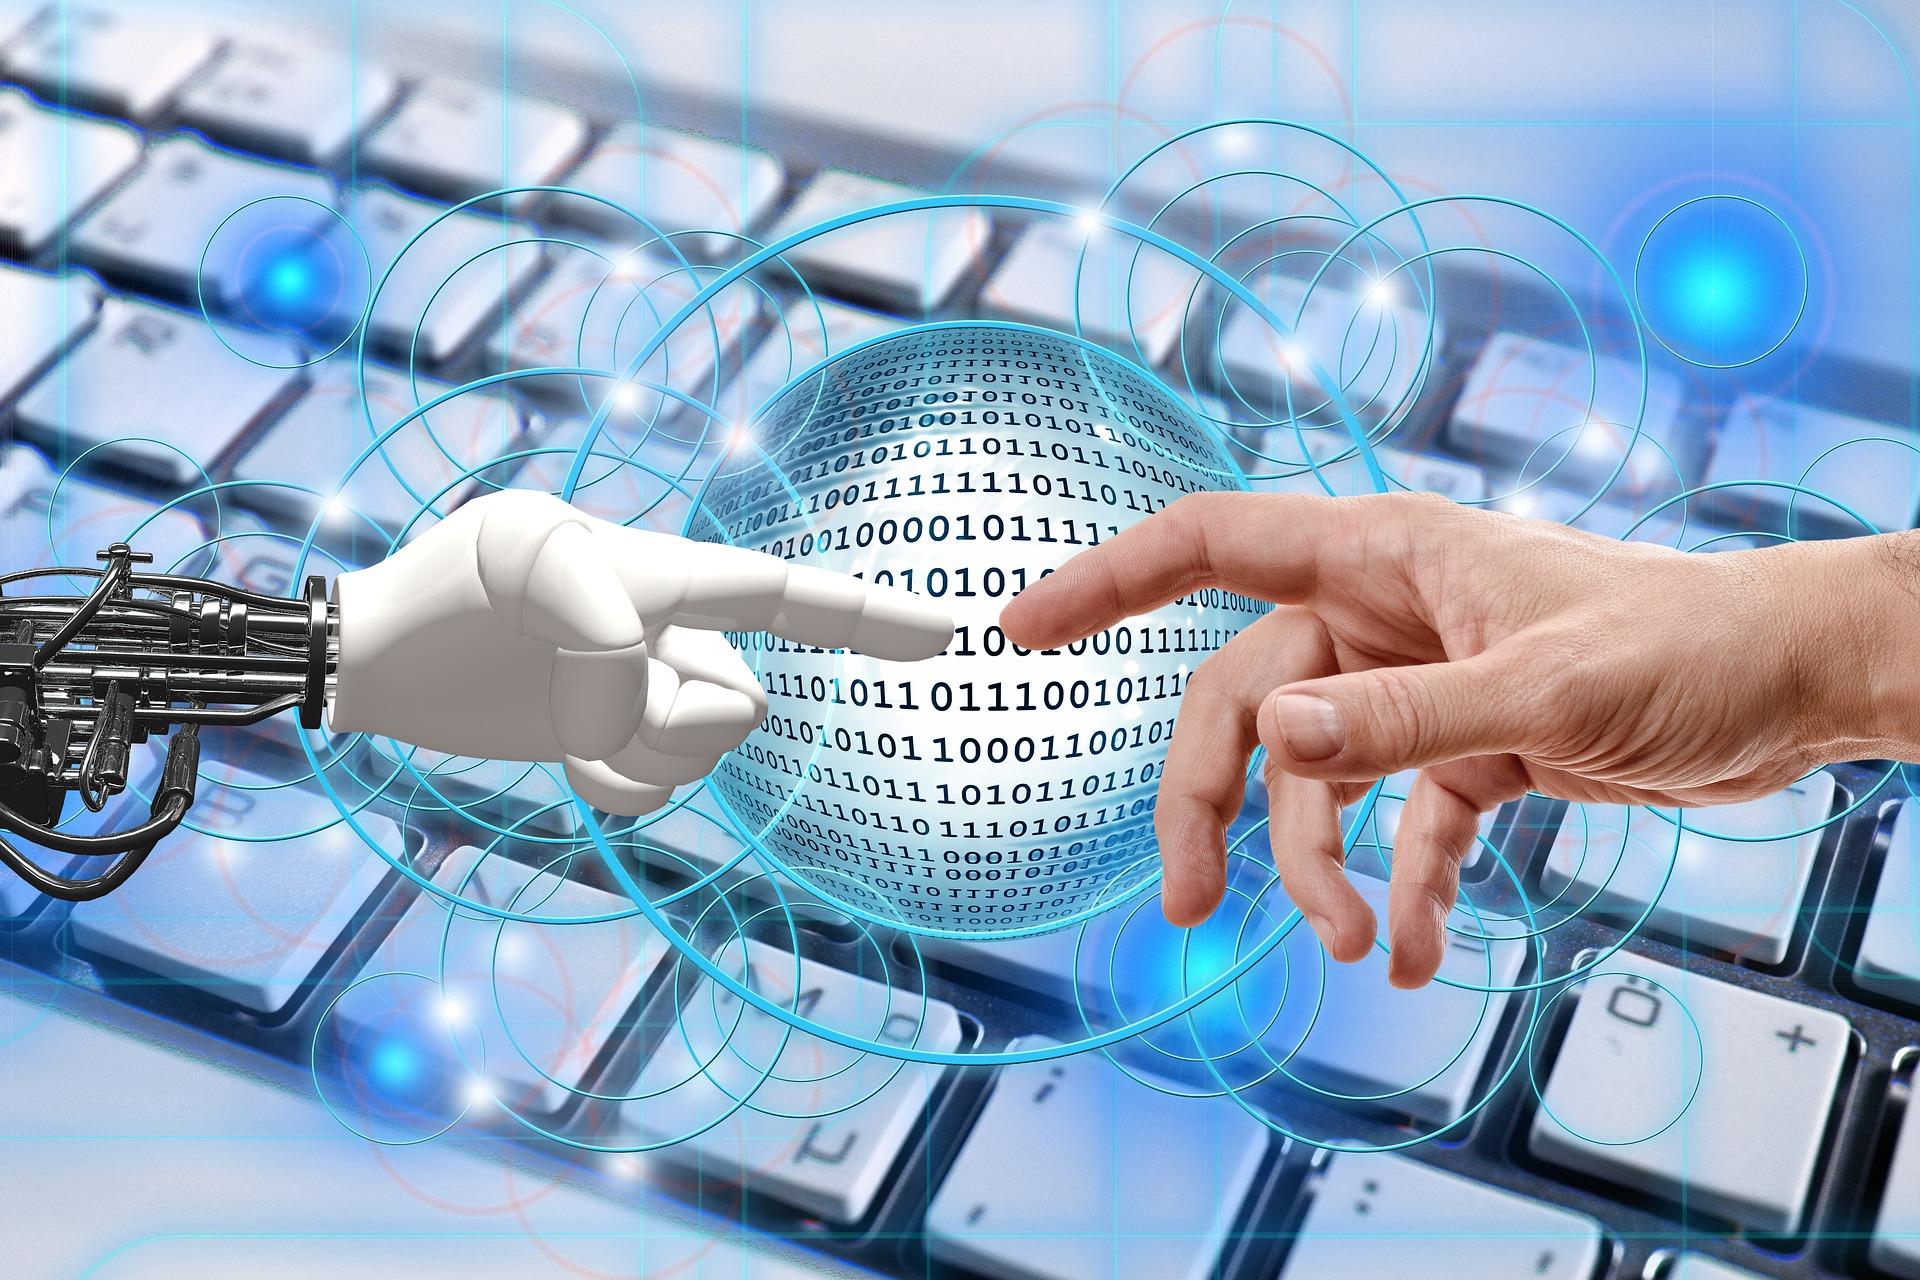 Roboty towarzyszące są coraz bardziej zaawansowane, jednak muszą nauczyć się odczytywać ludzkie emocje